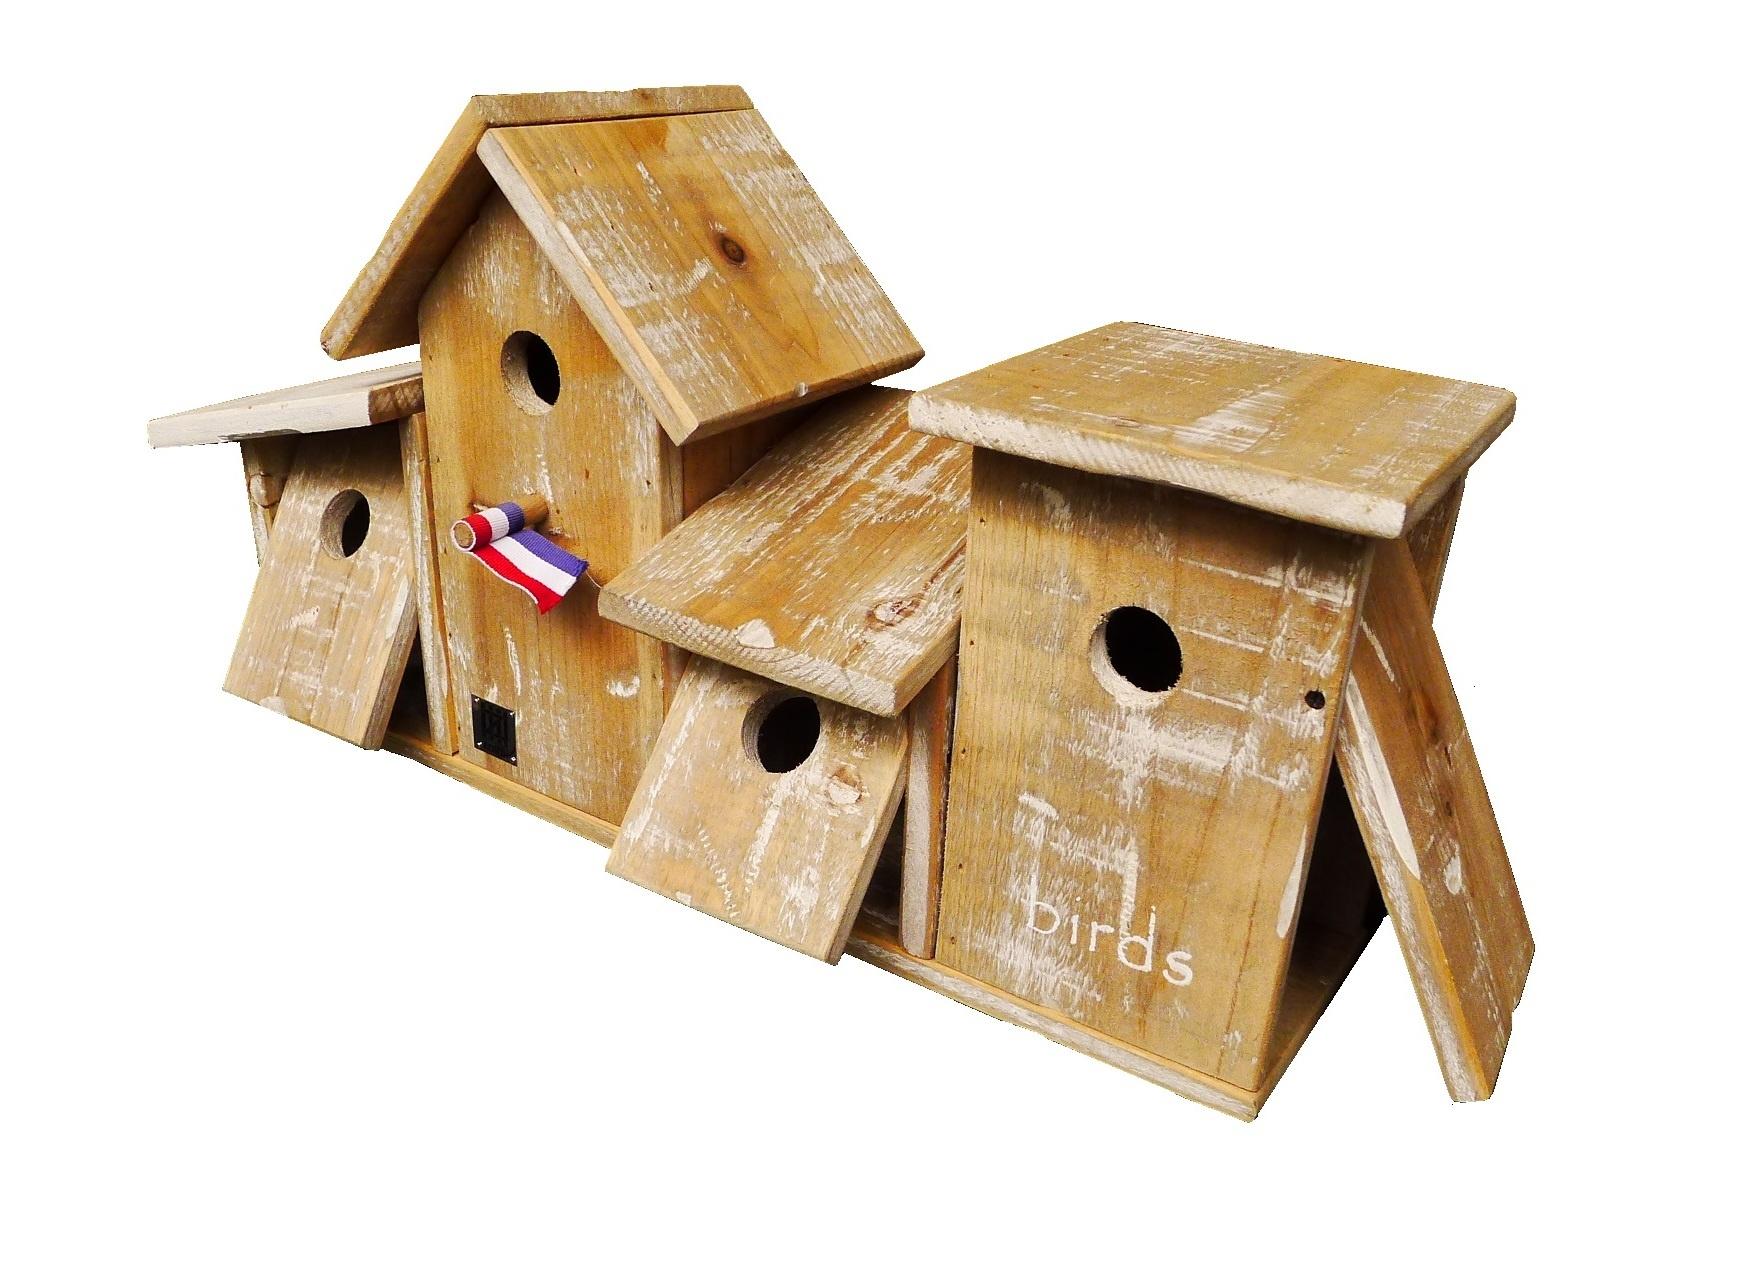 birdhouse old dutch bird village 53-2